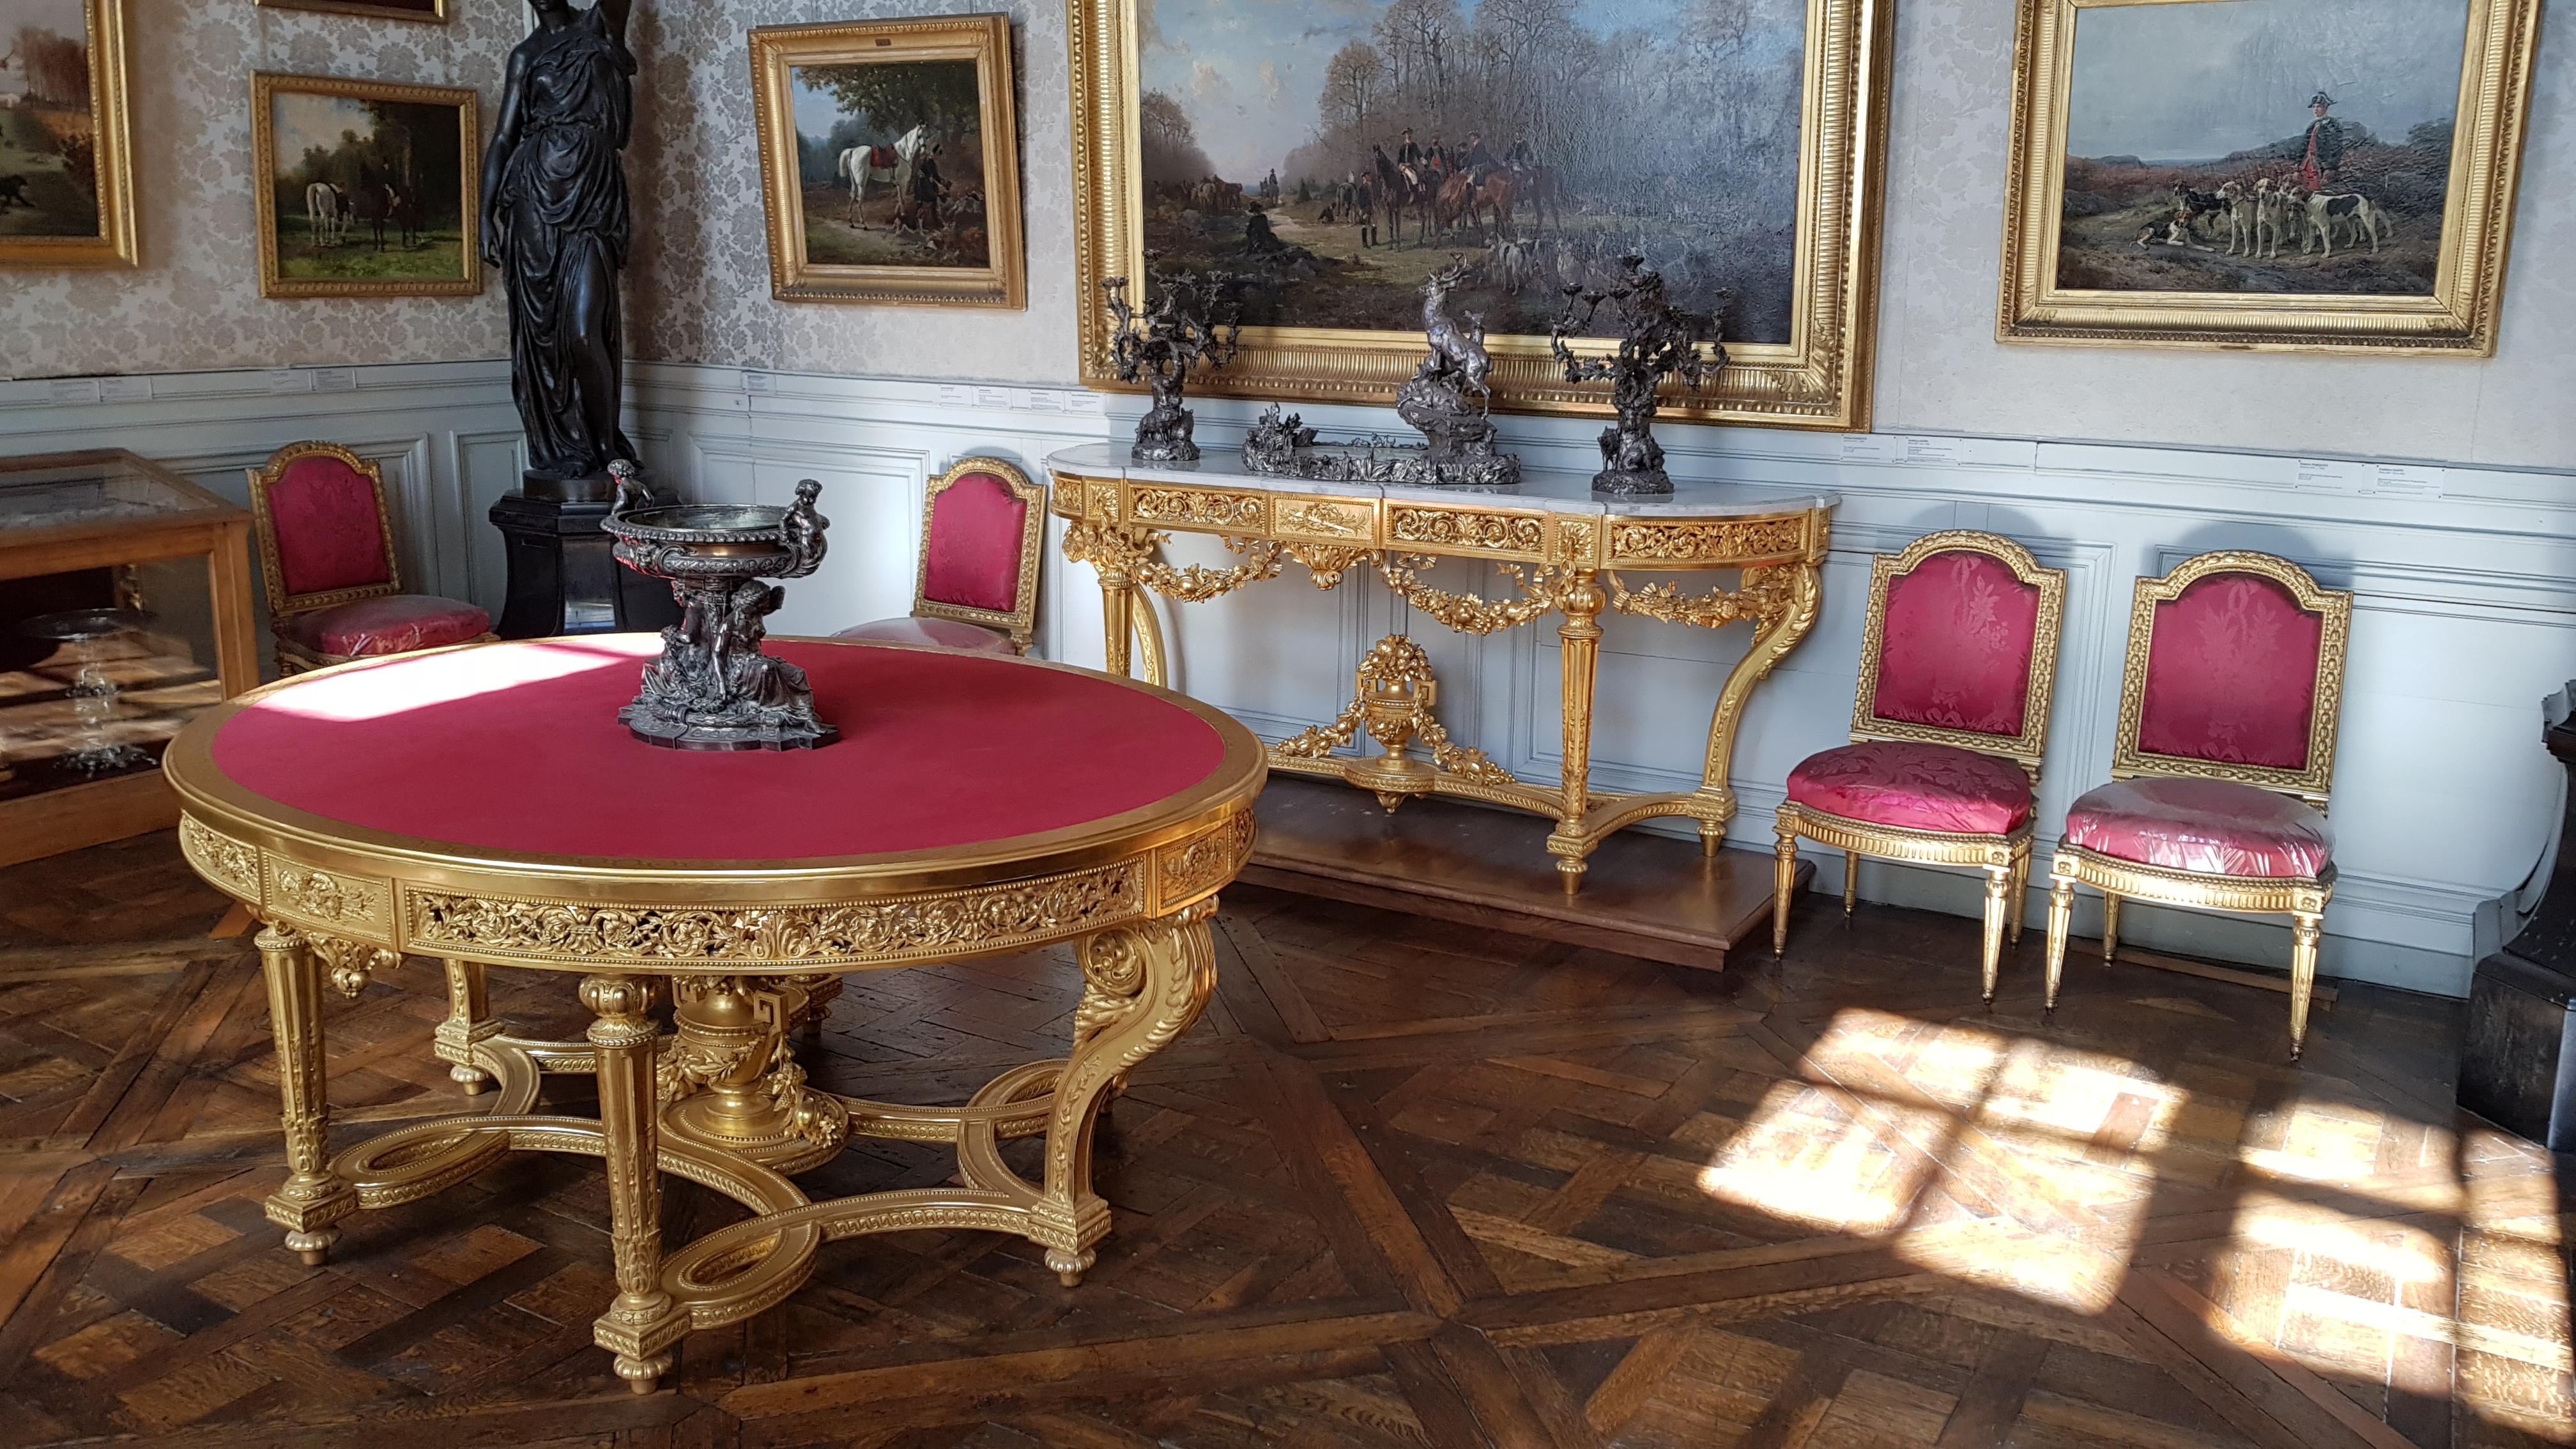 FichierUne table, une console et cinq chaise de style Louis XVI au chateau